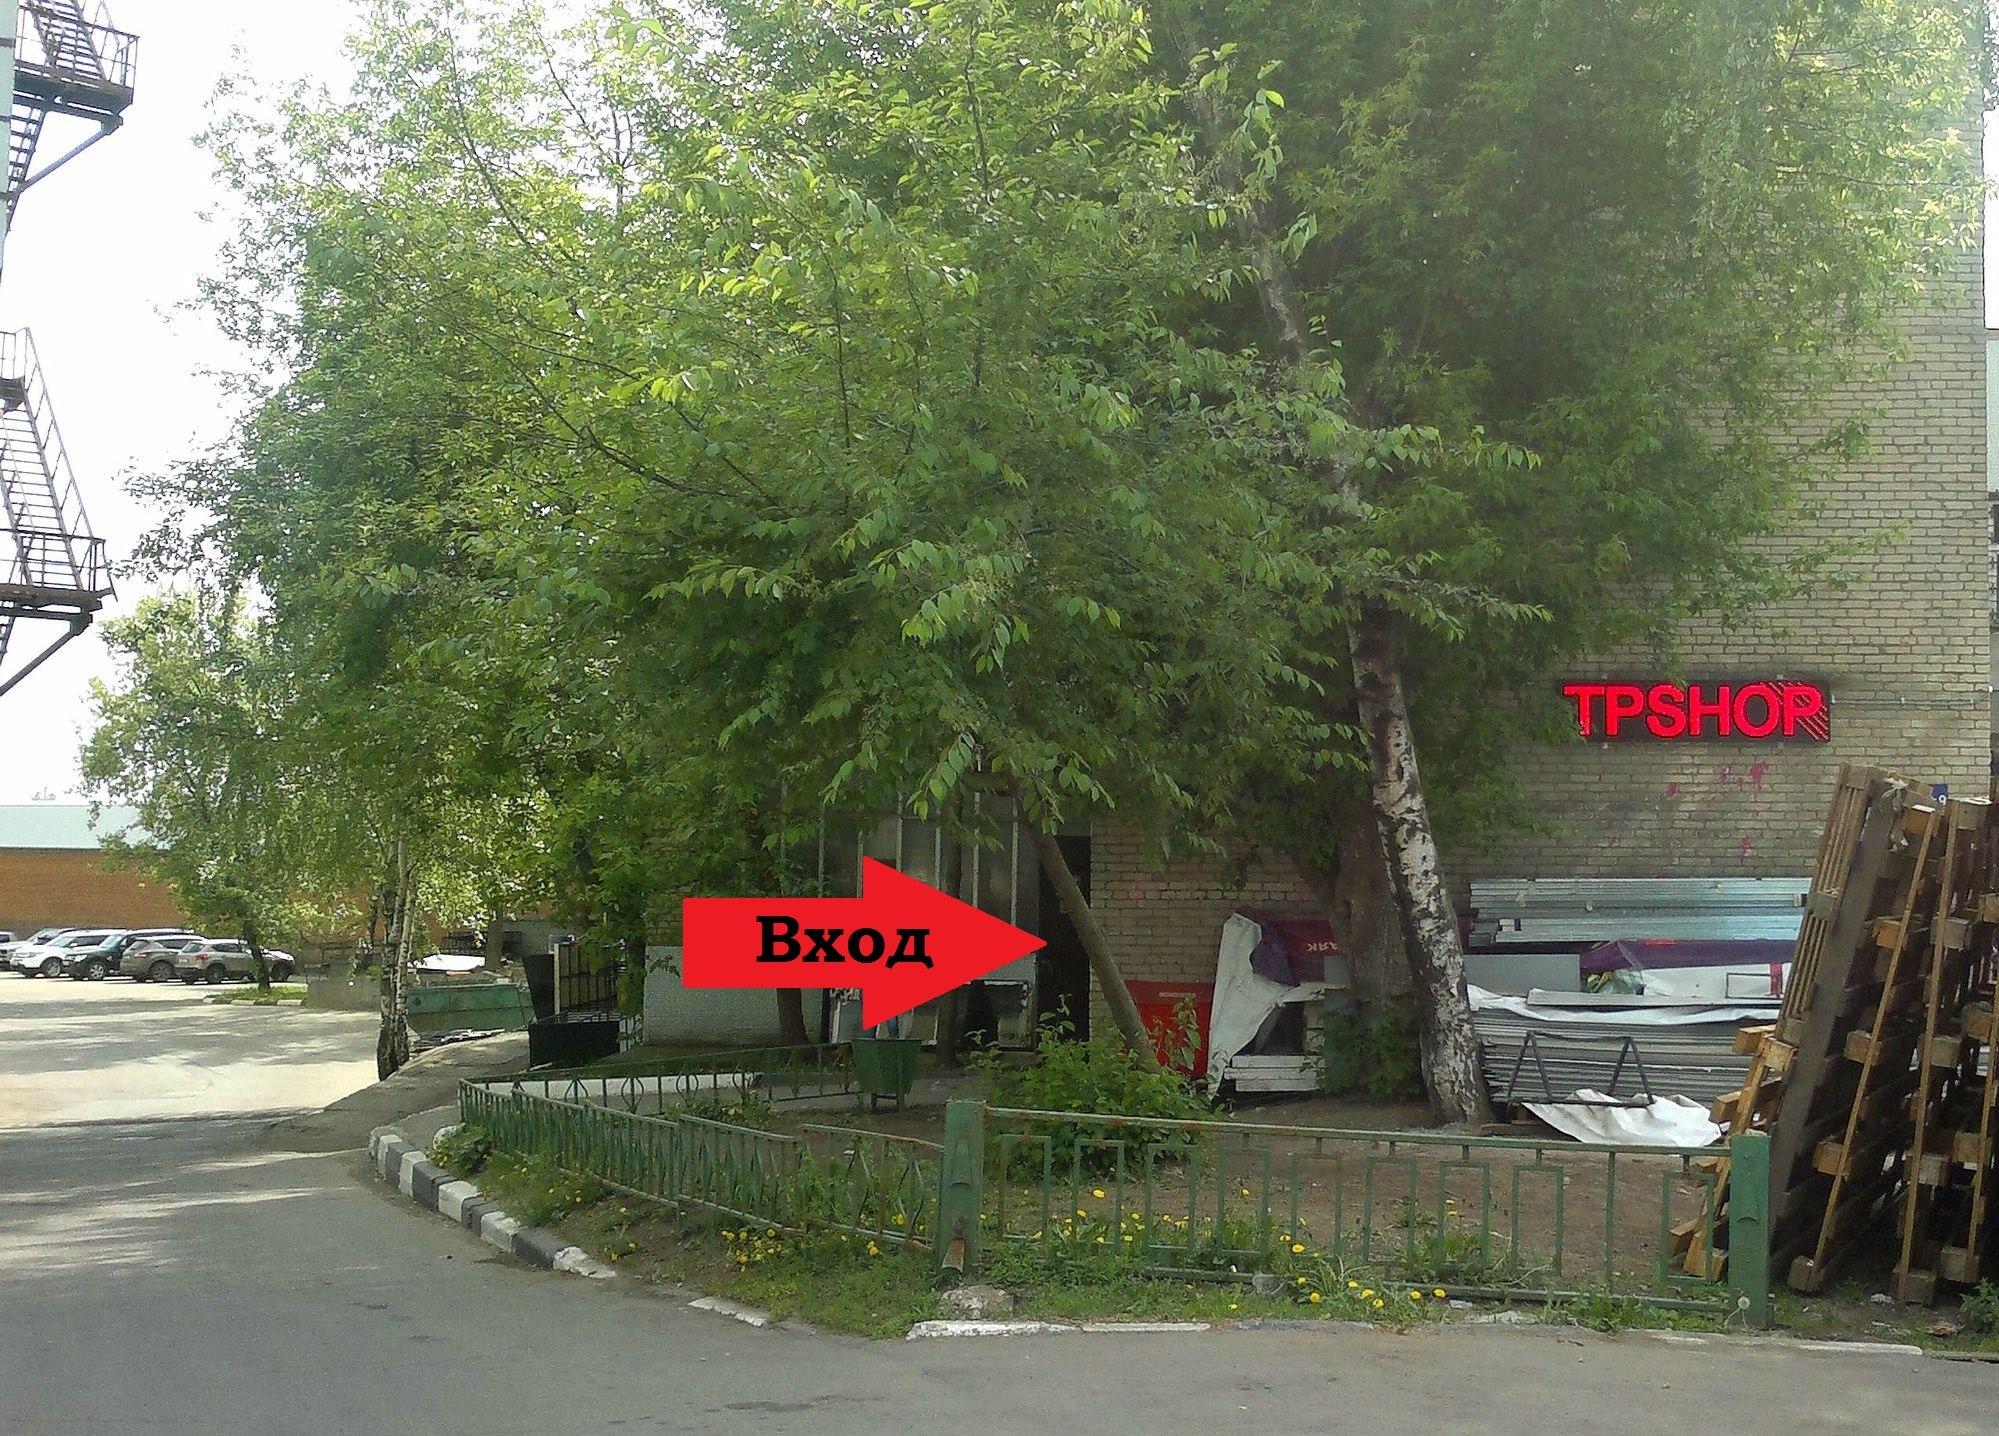 tpshop.ru - схема проезда на автомобиле